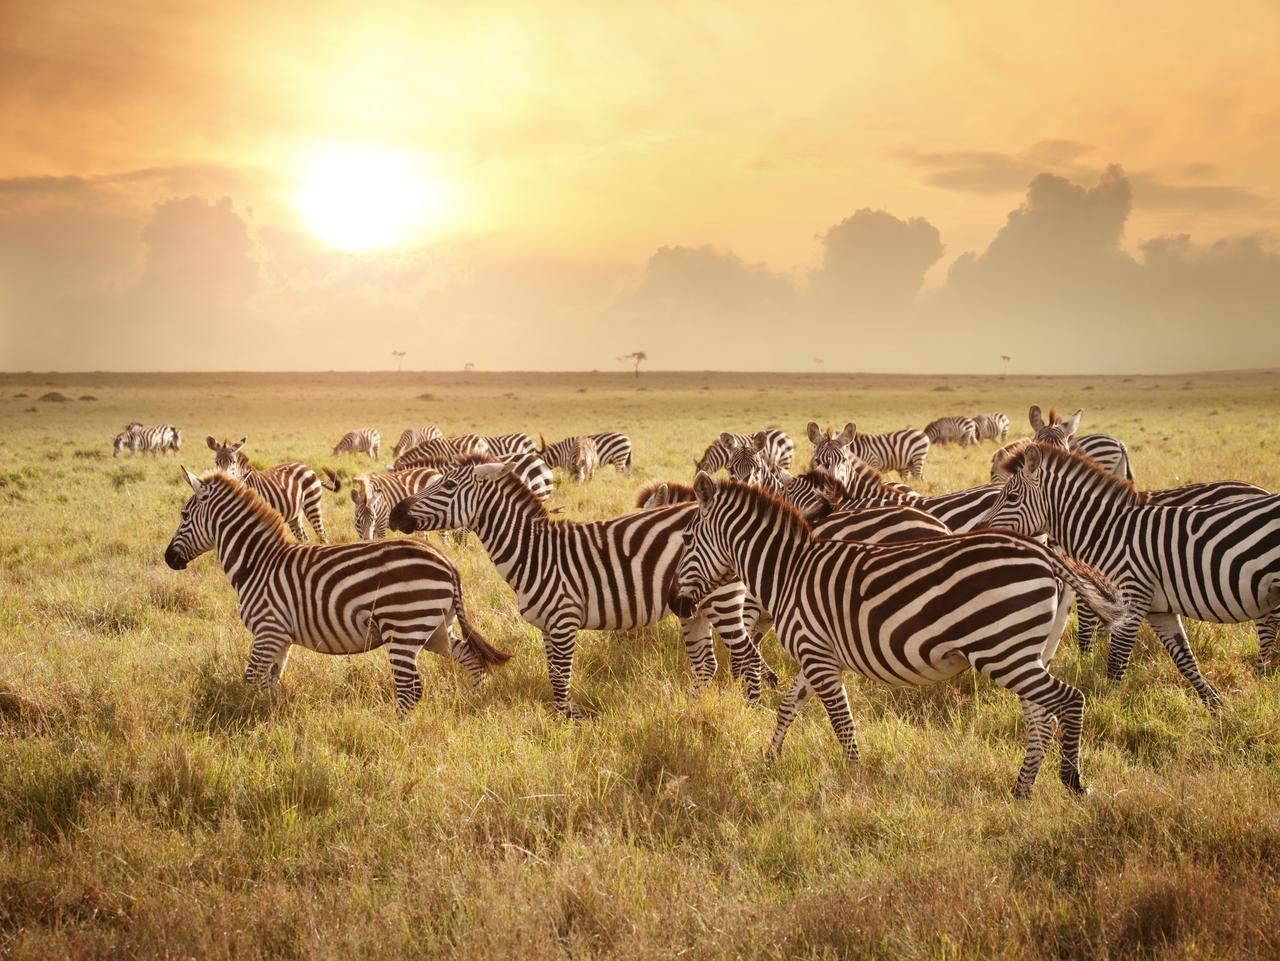 Zebras in the morning